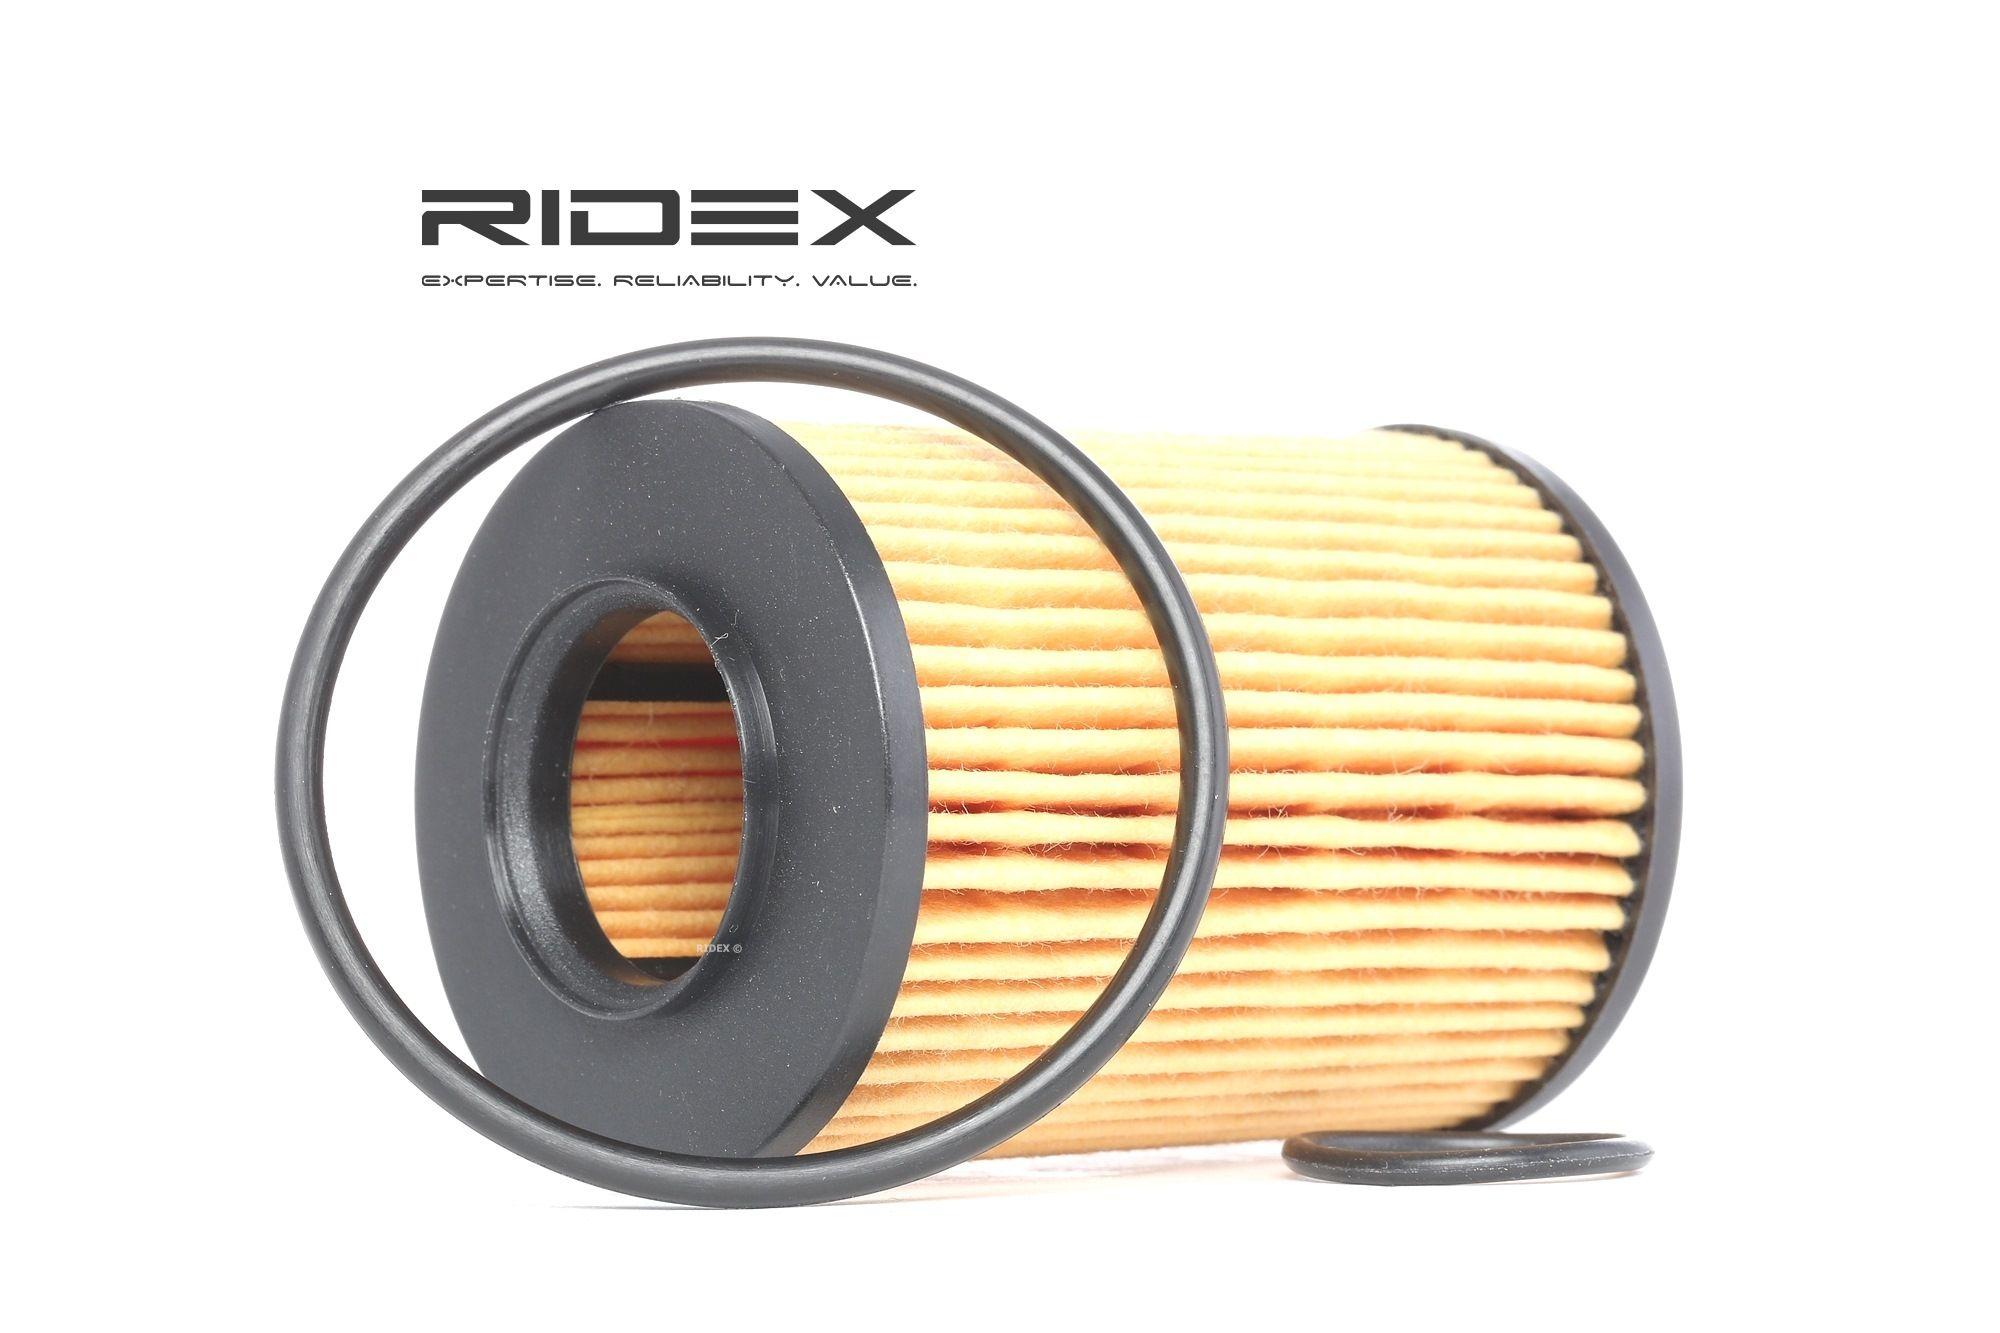 ridex Oliefilter MERCEDES-BENZ 7O0107 2661800009,2661840325,A2661800009  A2661840325